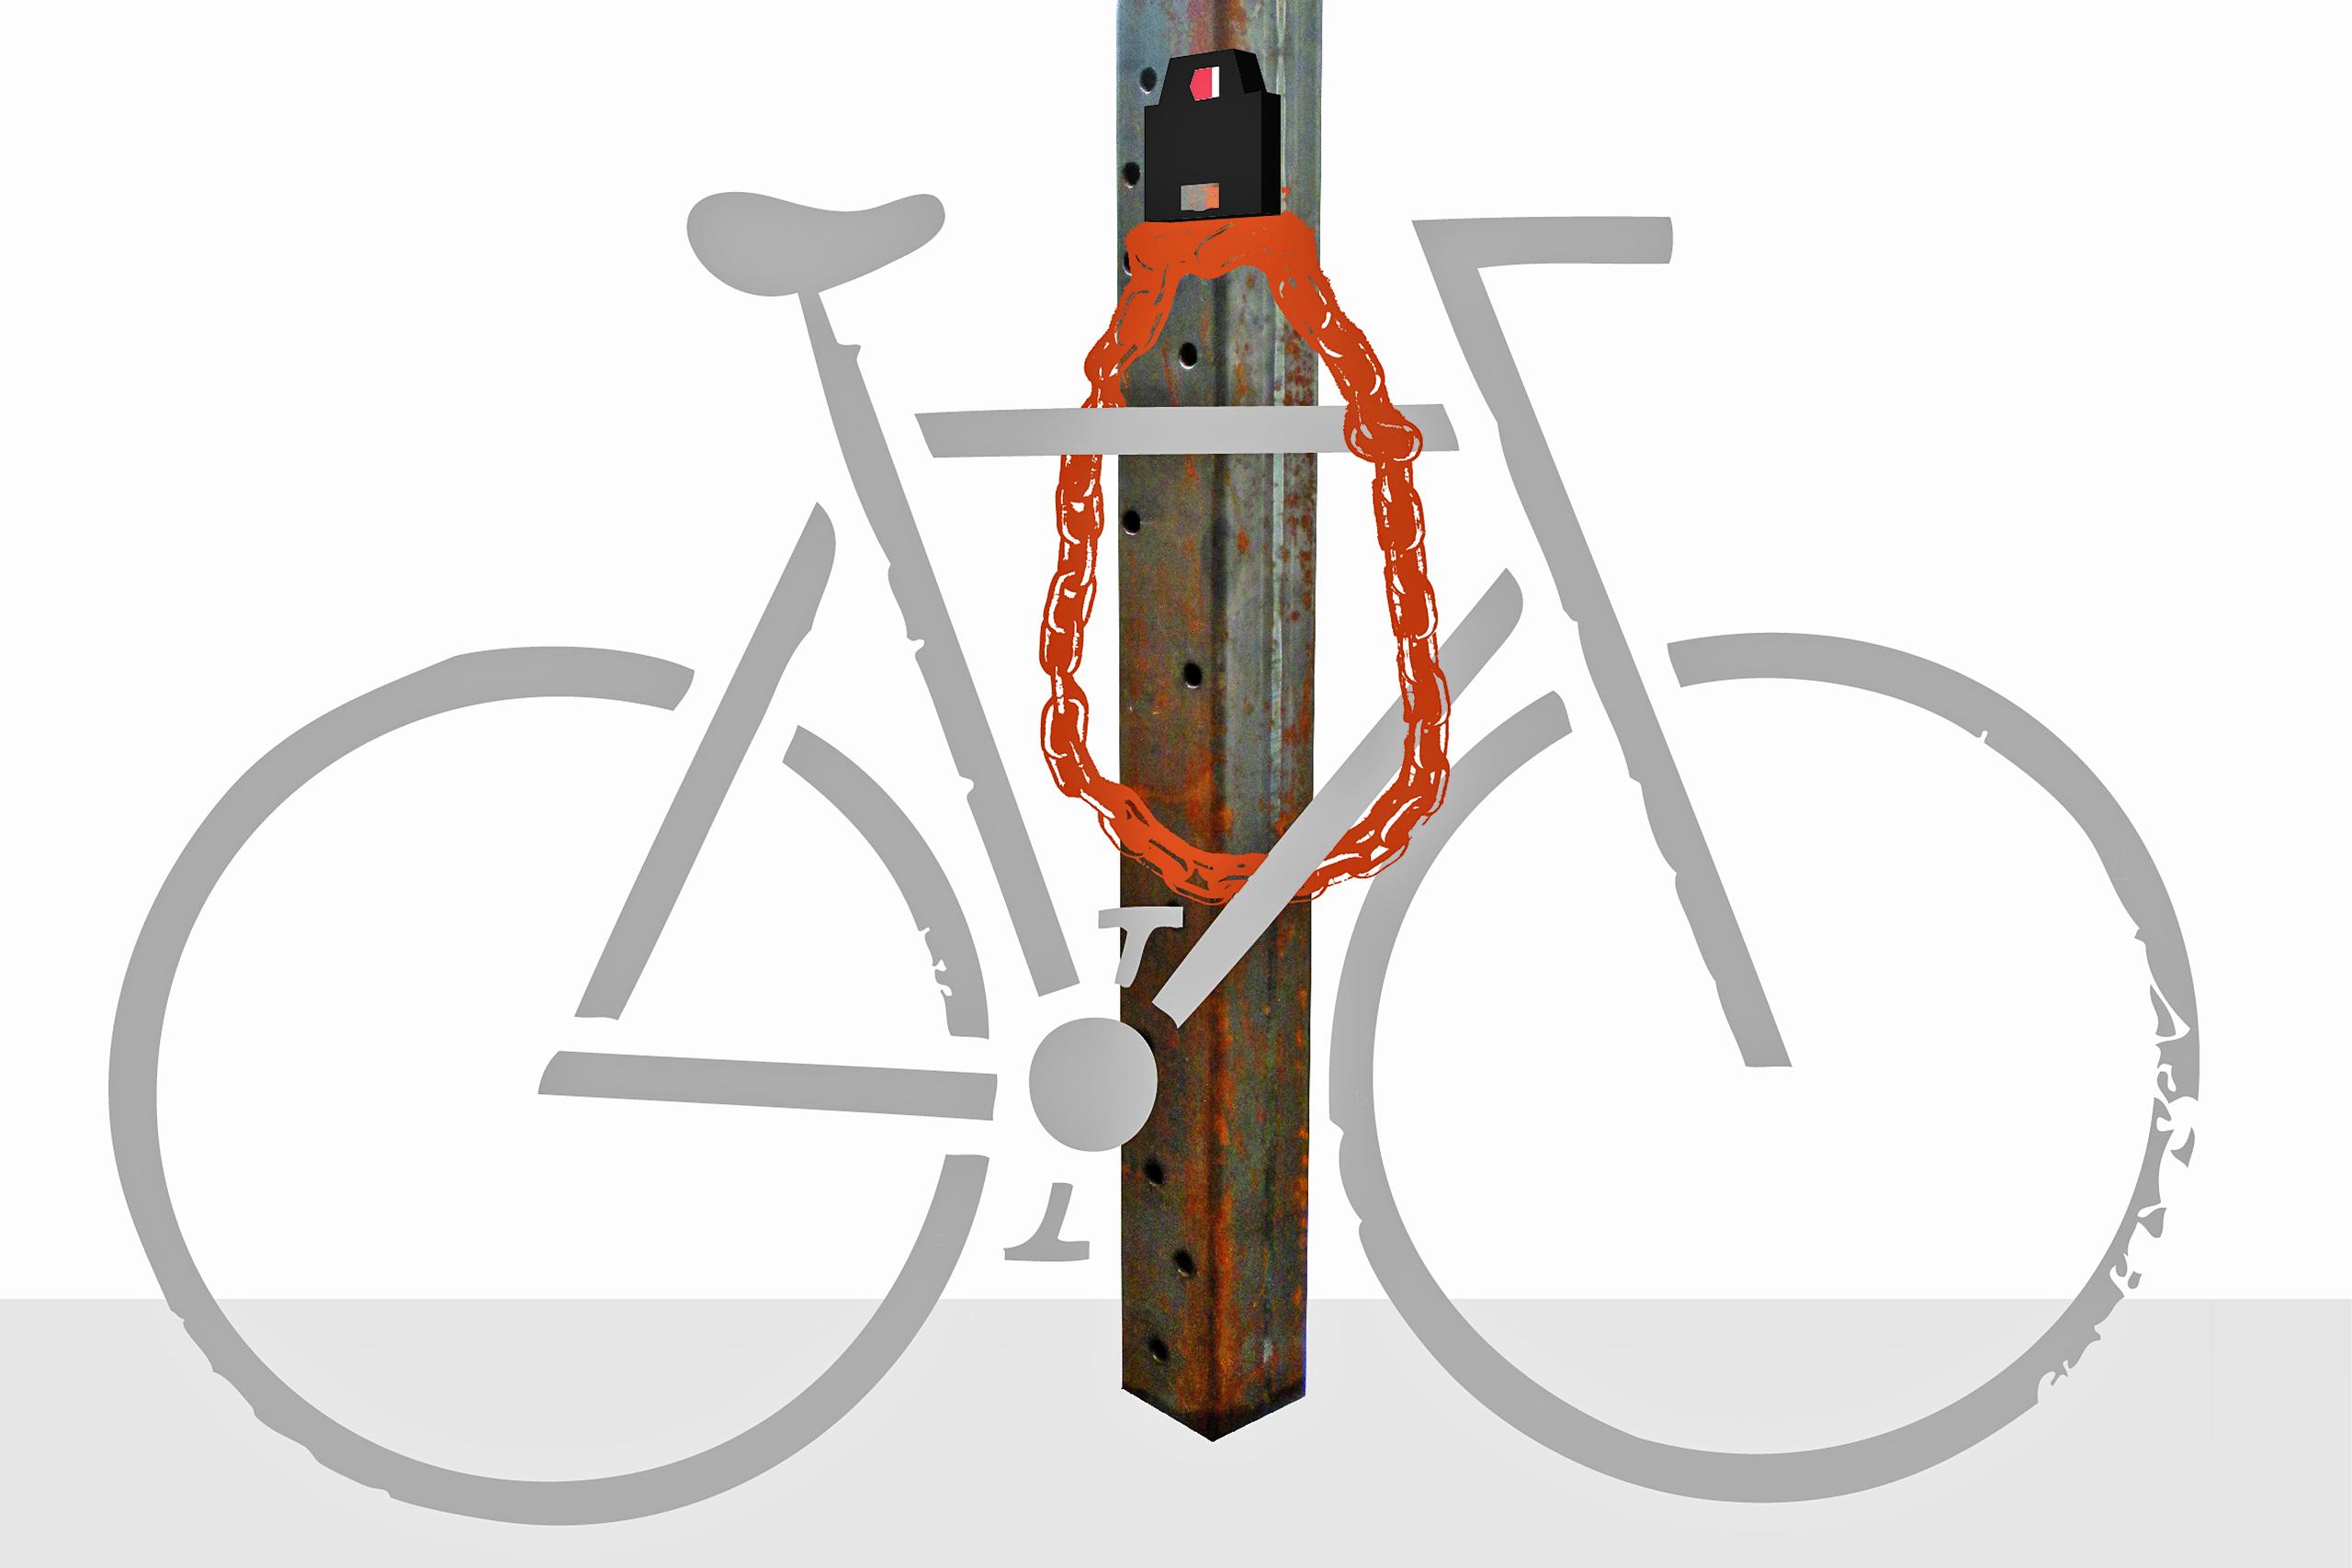 fietsenmatenten – Cengiz Hartmann | Illustration: Cengiz Hartmann